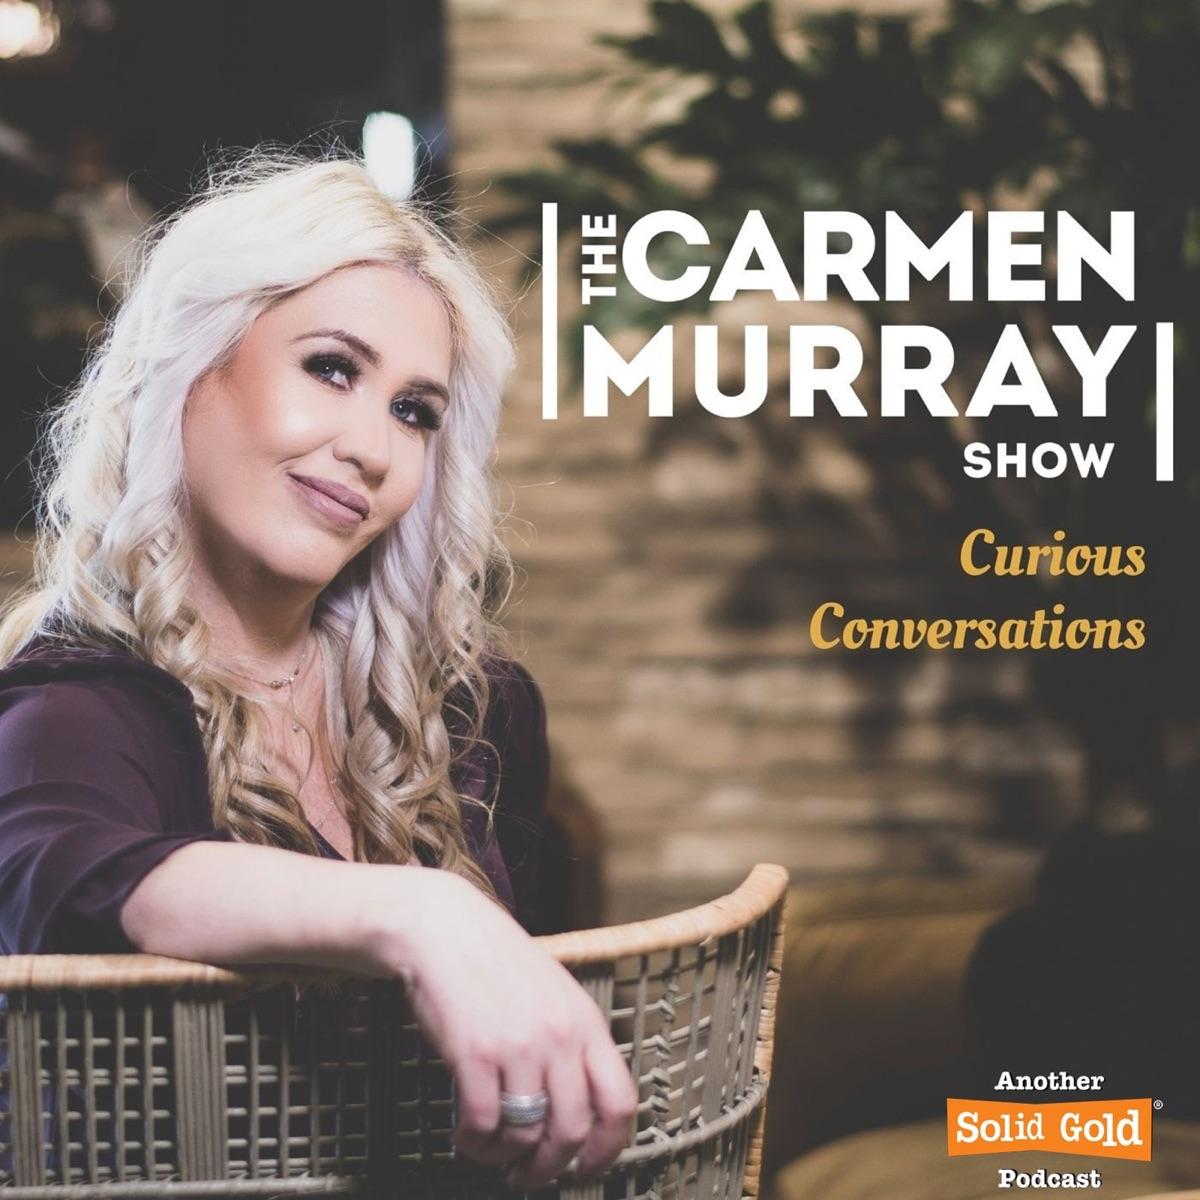 The Carmen Murray Show - Curious Conversations